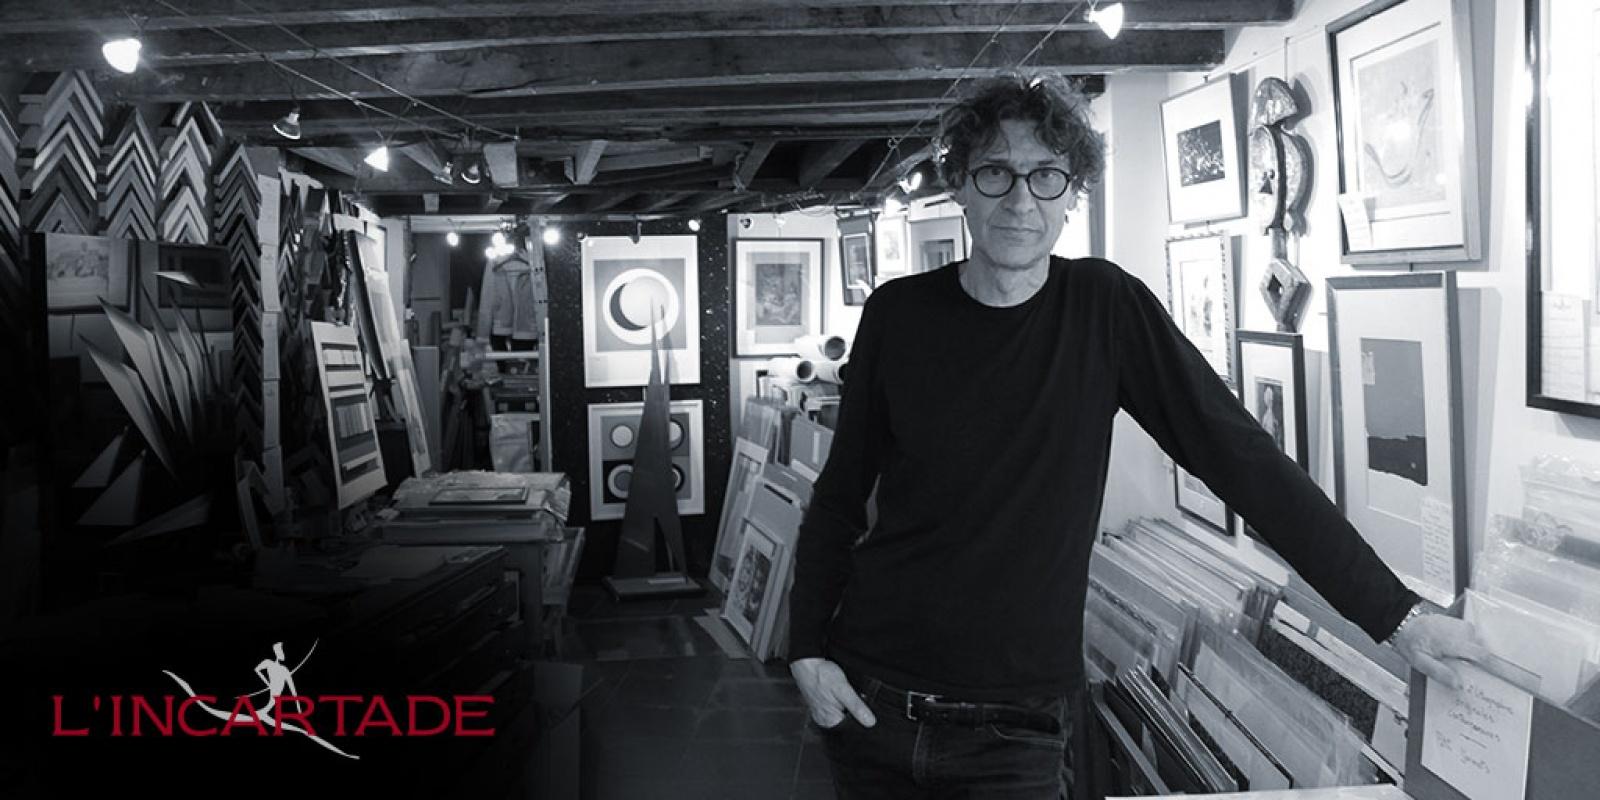 Incartade.fr - L'Incartade - Galerie d'art et affiches de cinéma de collection - Lille